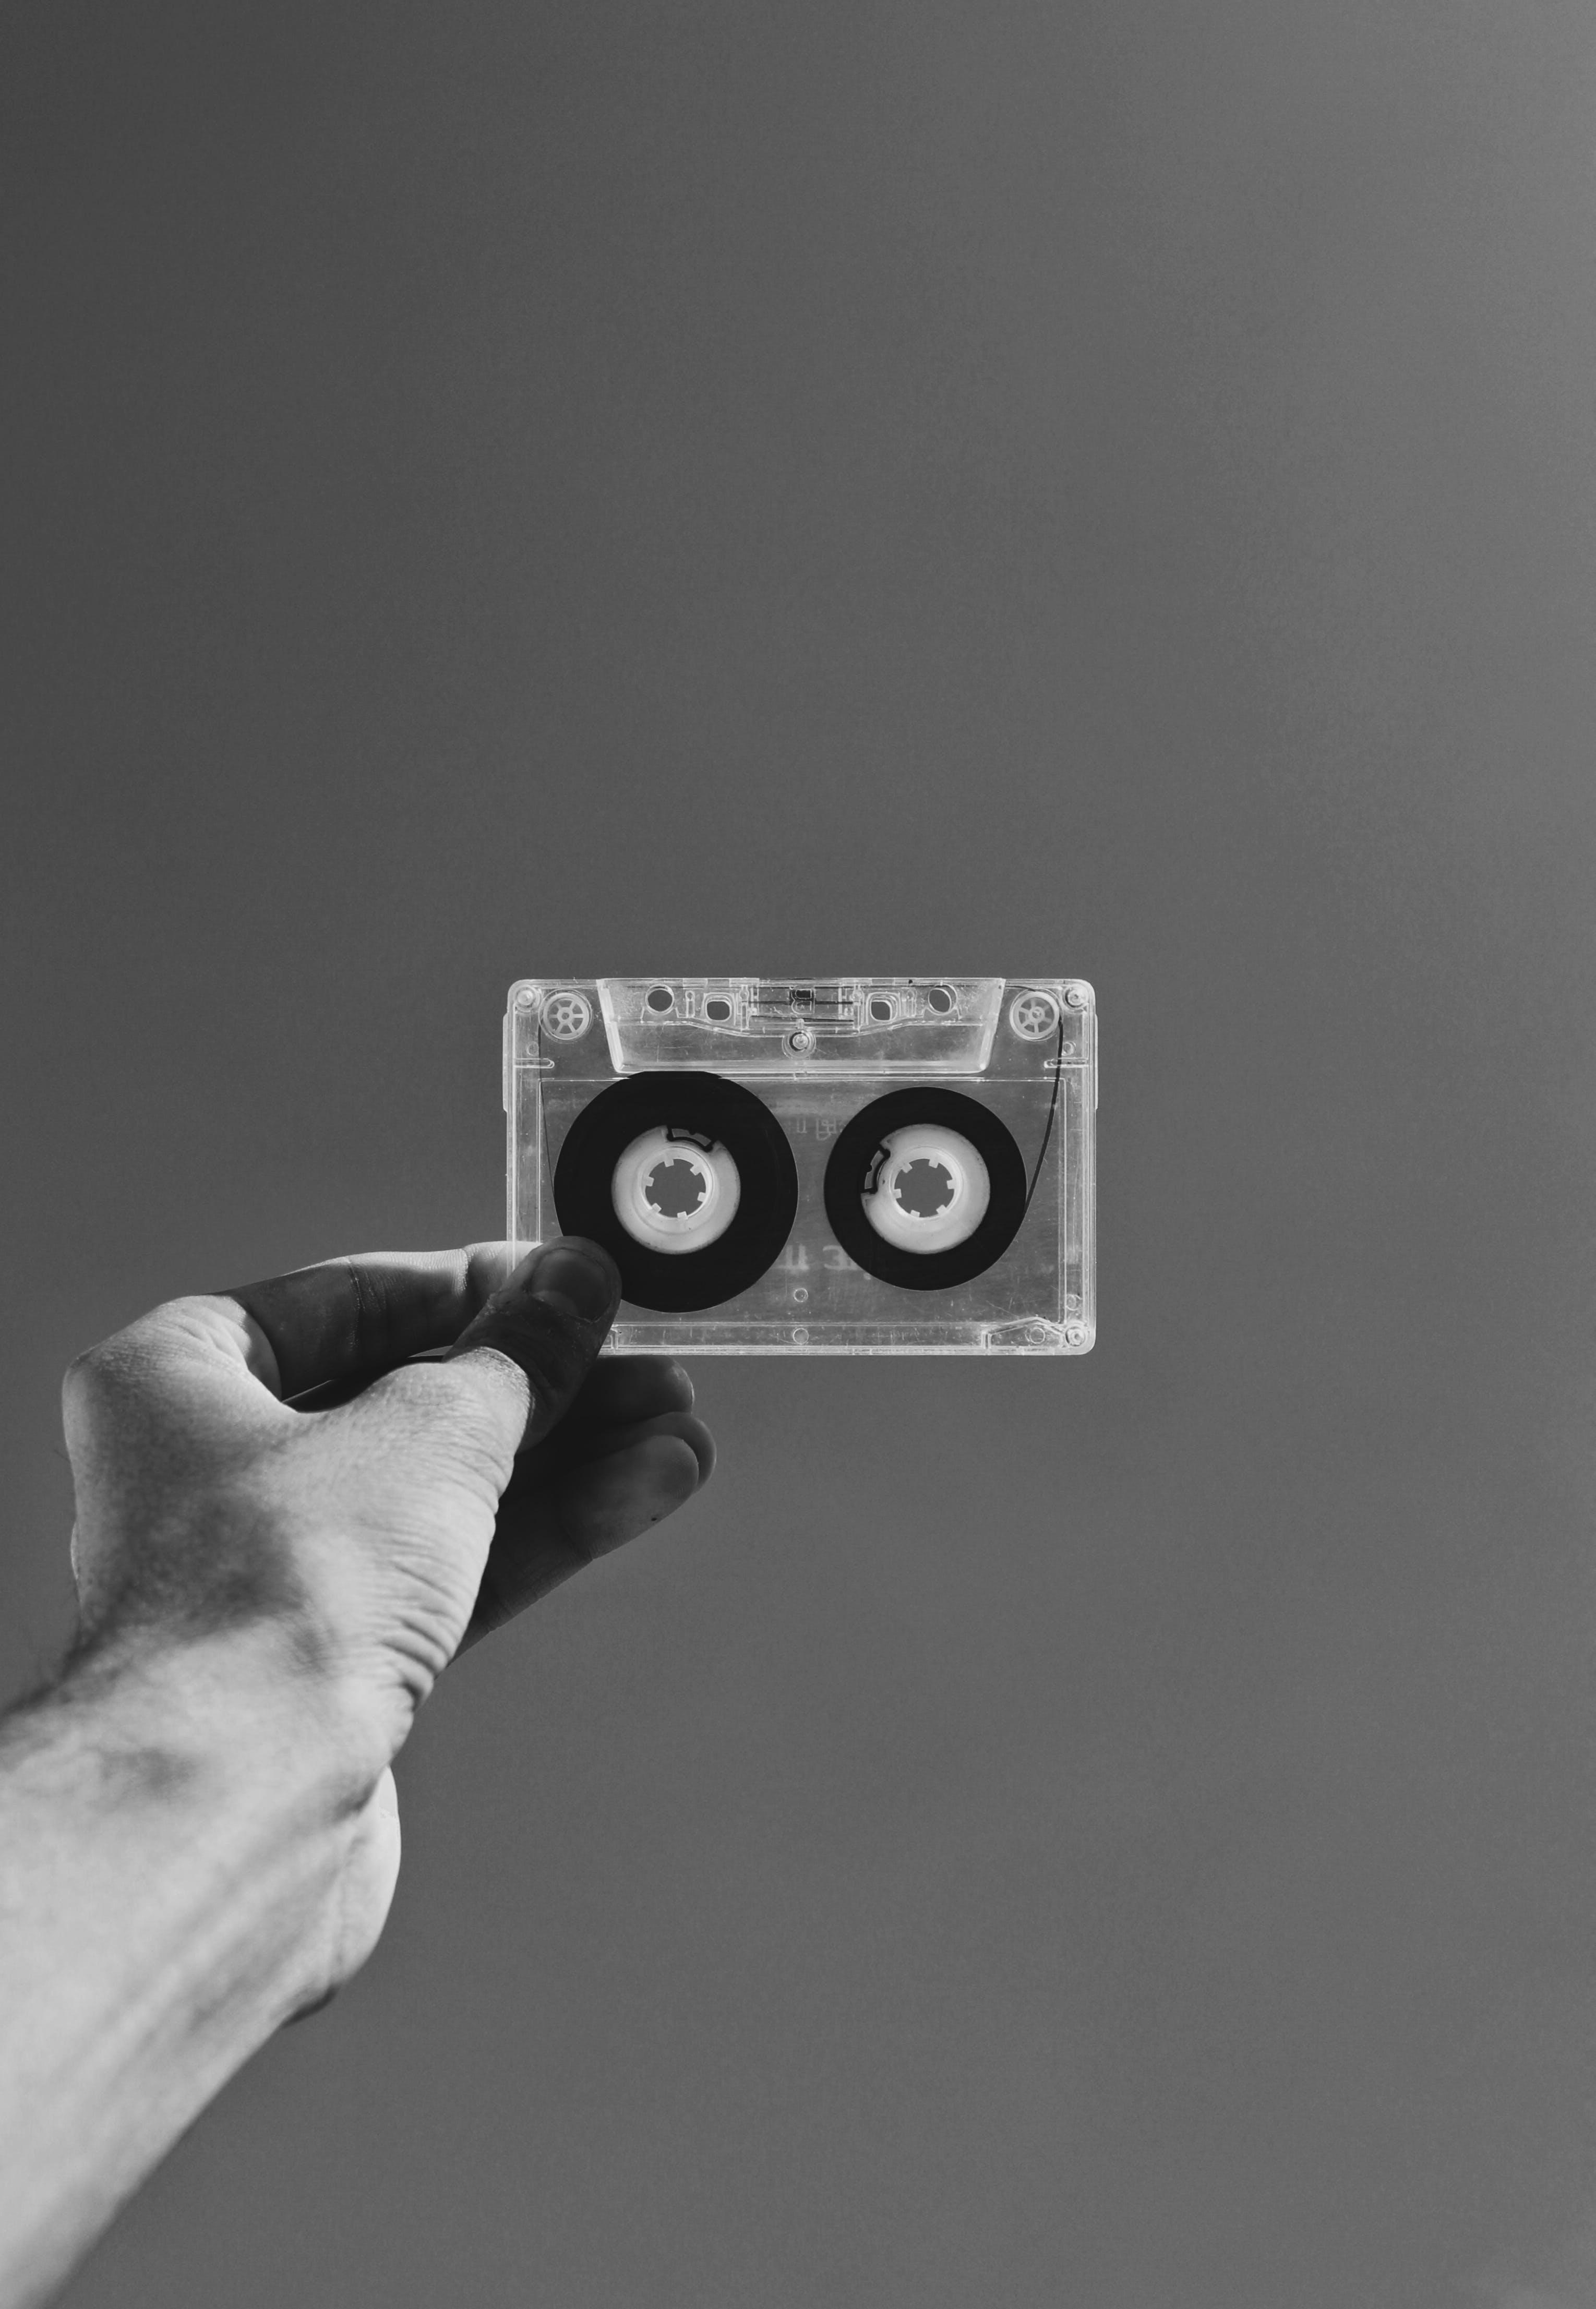 Бесплатное стоковое фото с кассетная лента, классический, монохромный, оттенки серого